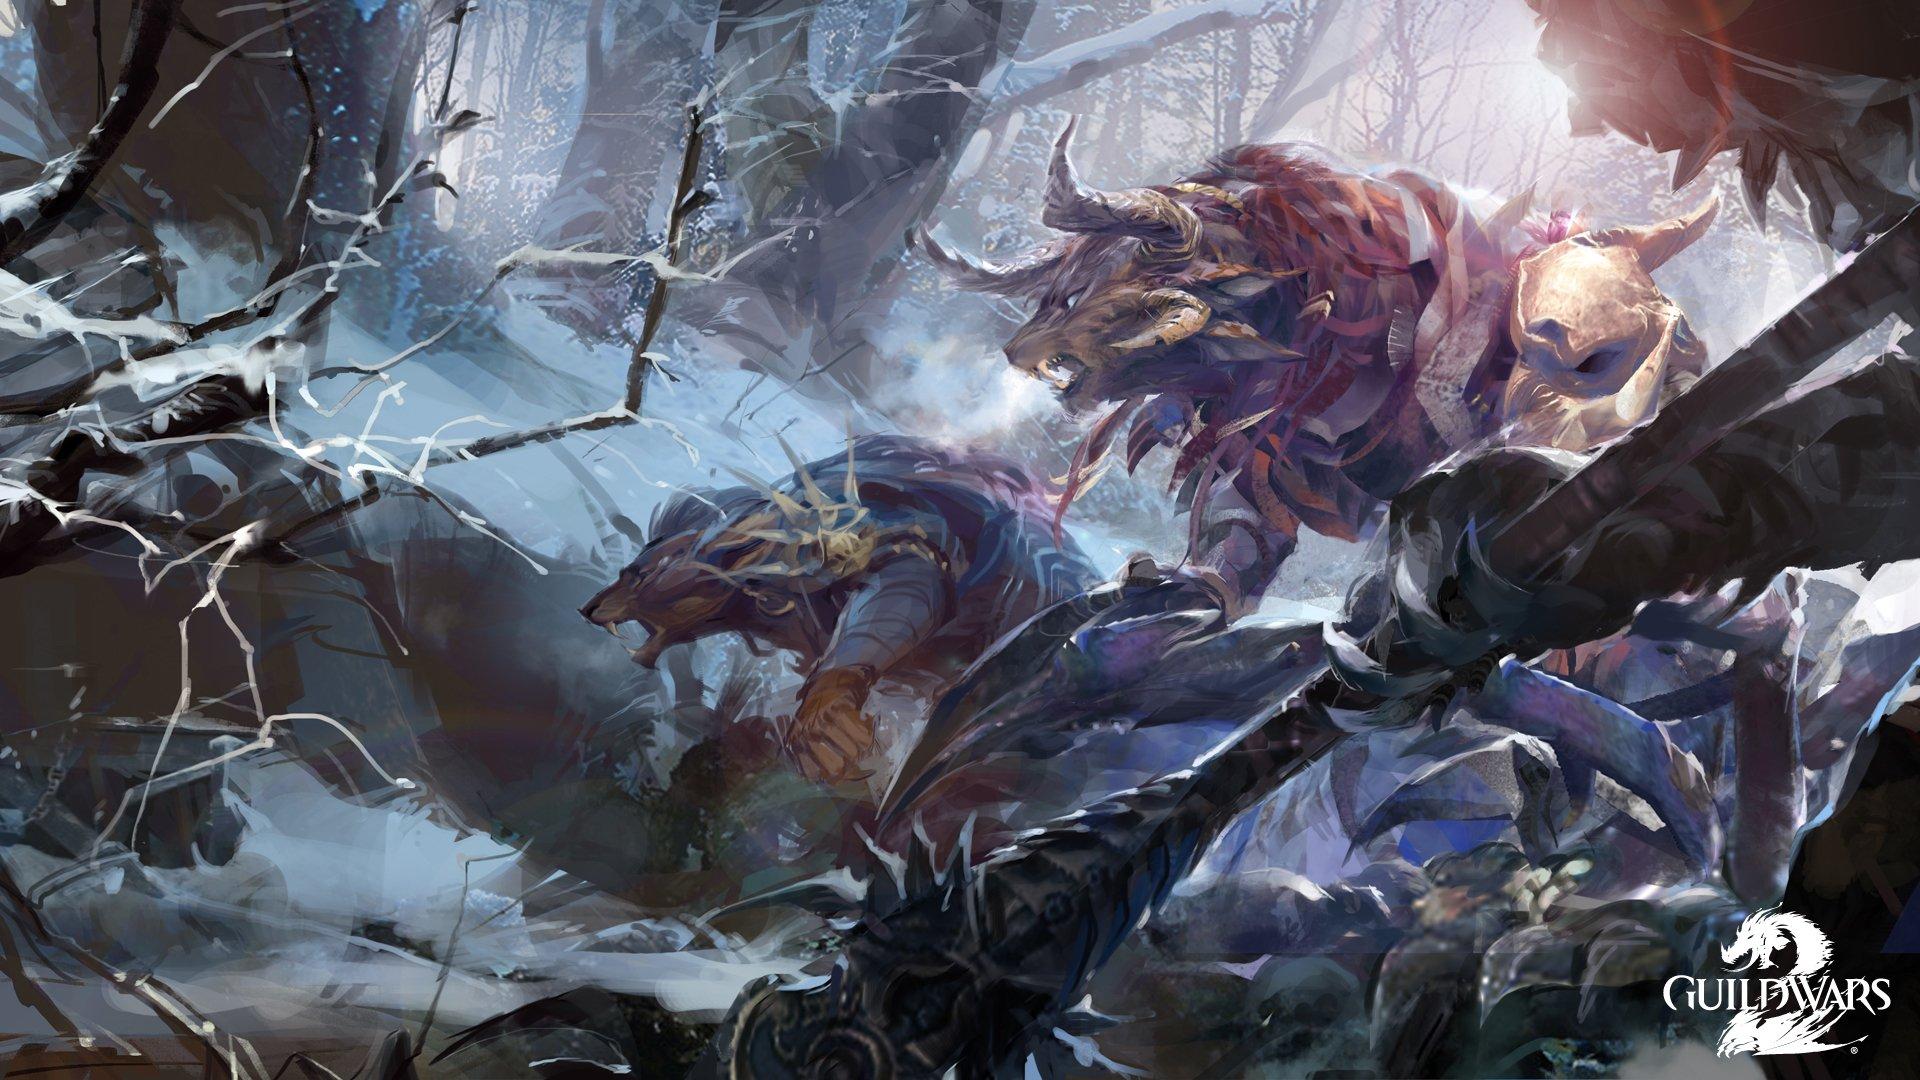 Guild Wars 2 Video Games Charr Wallpapers Hd Desktop: Guild Wars 2 Battle Monster Games Fantasy Warrior